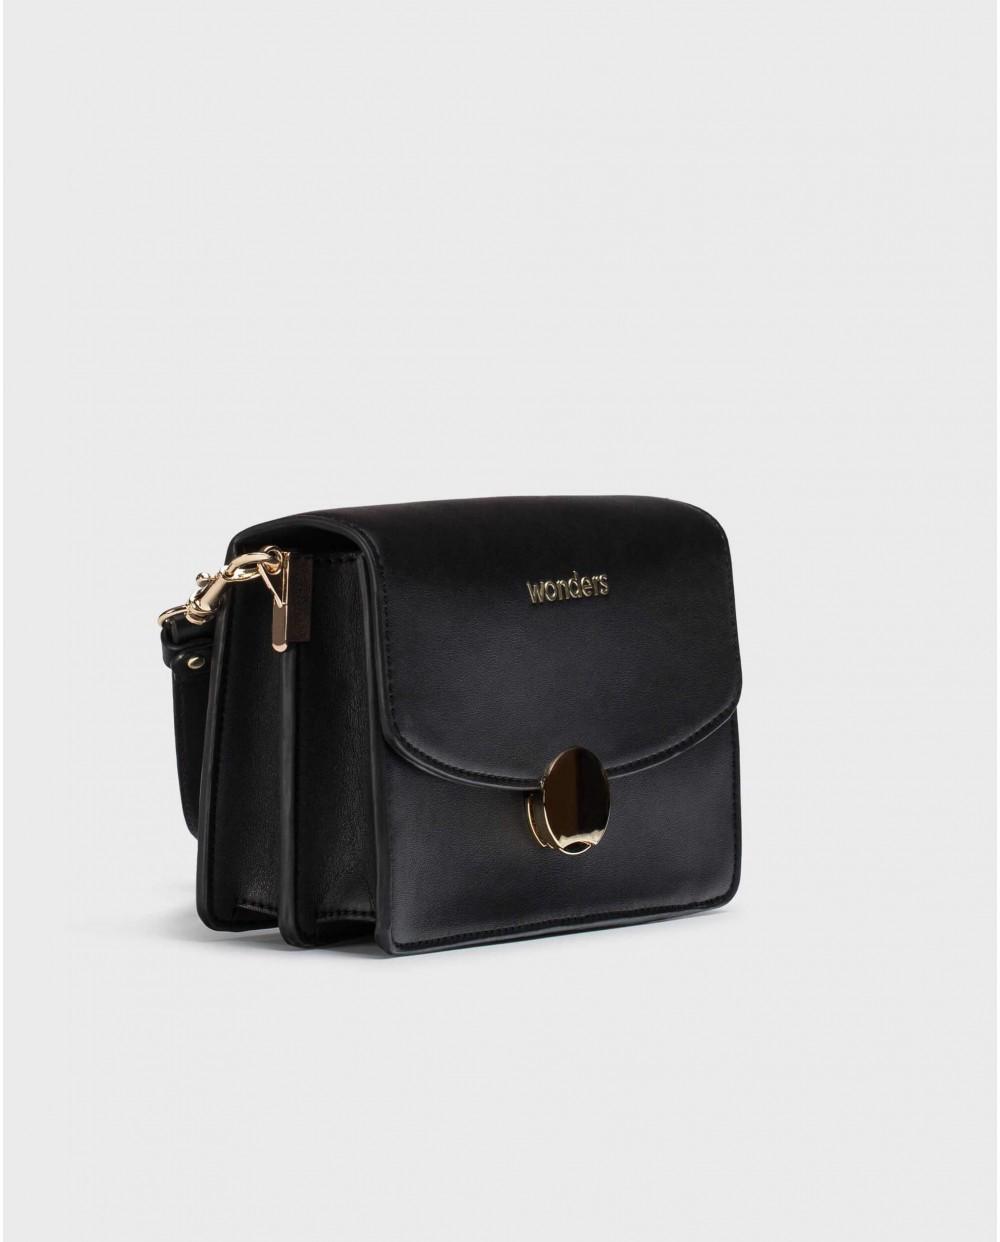 Wonders-Bags-Black Dana Bag